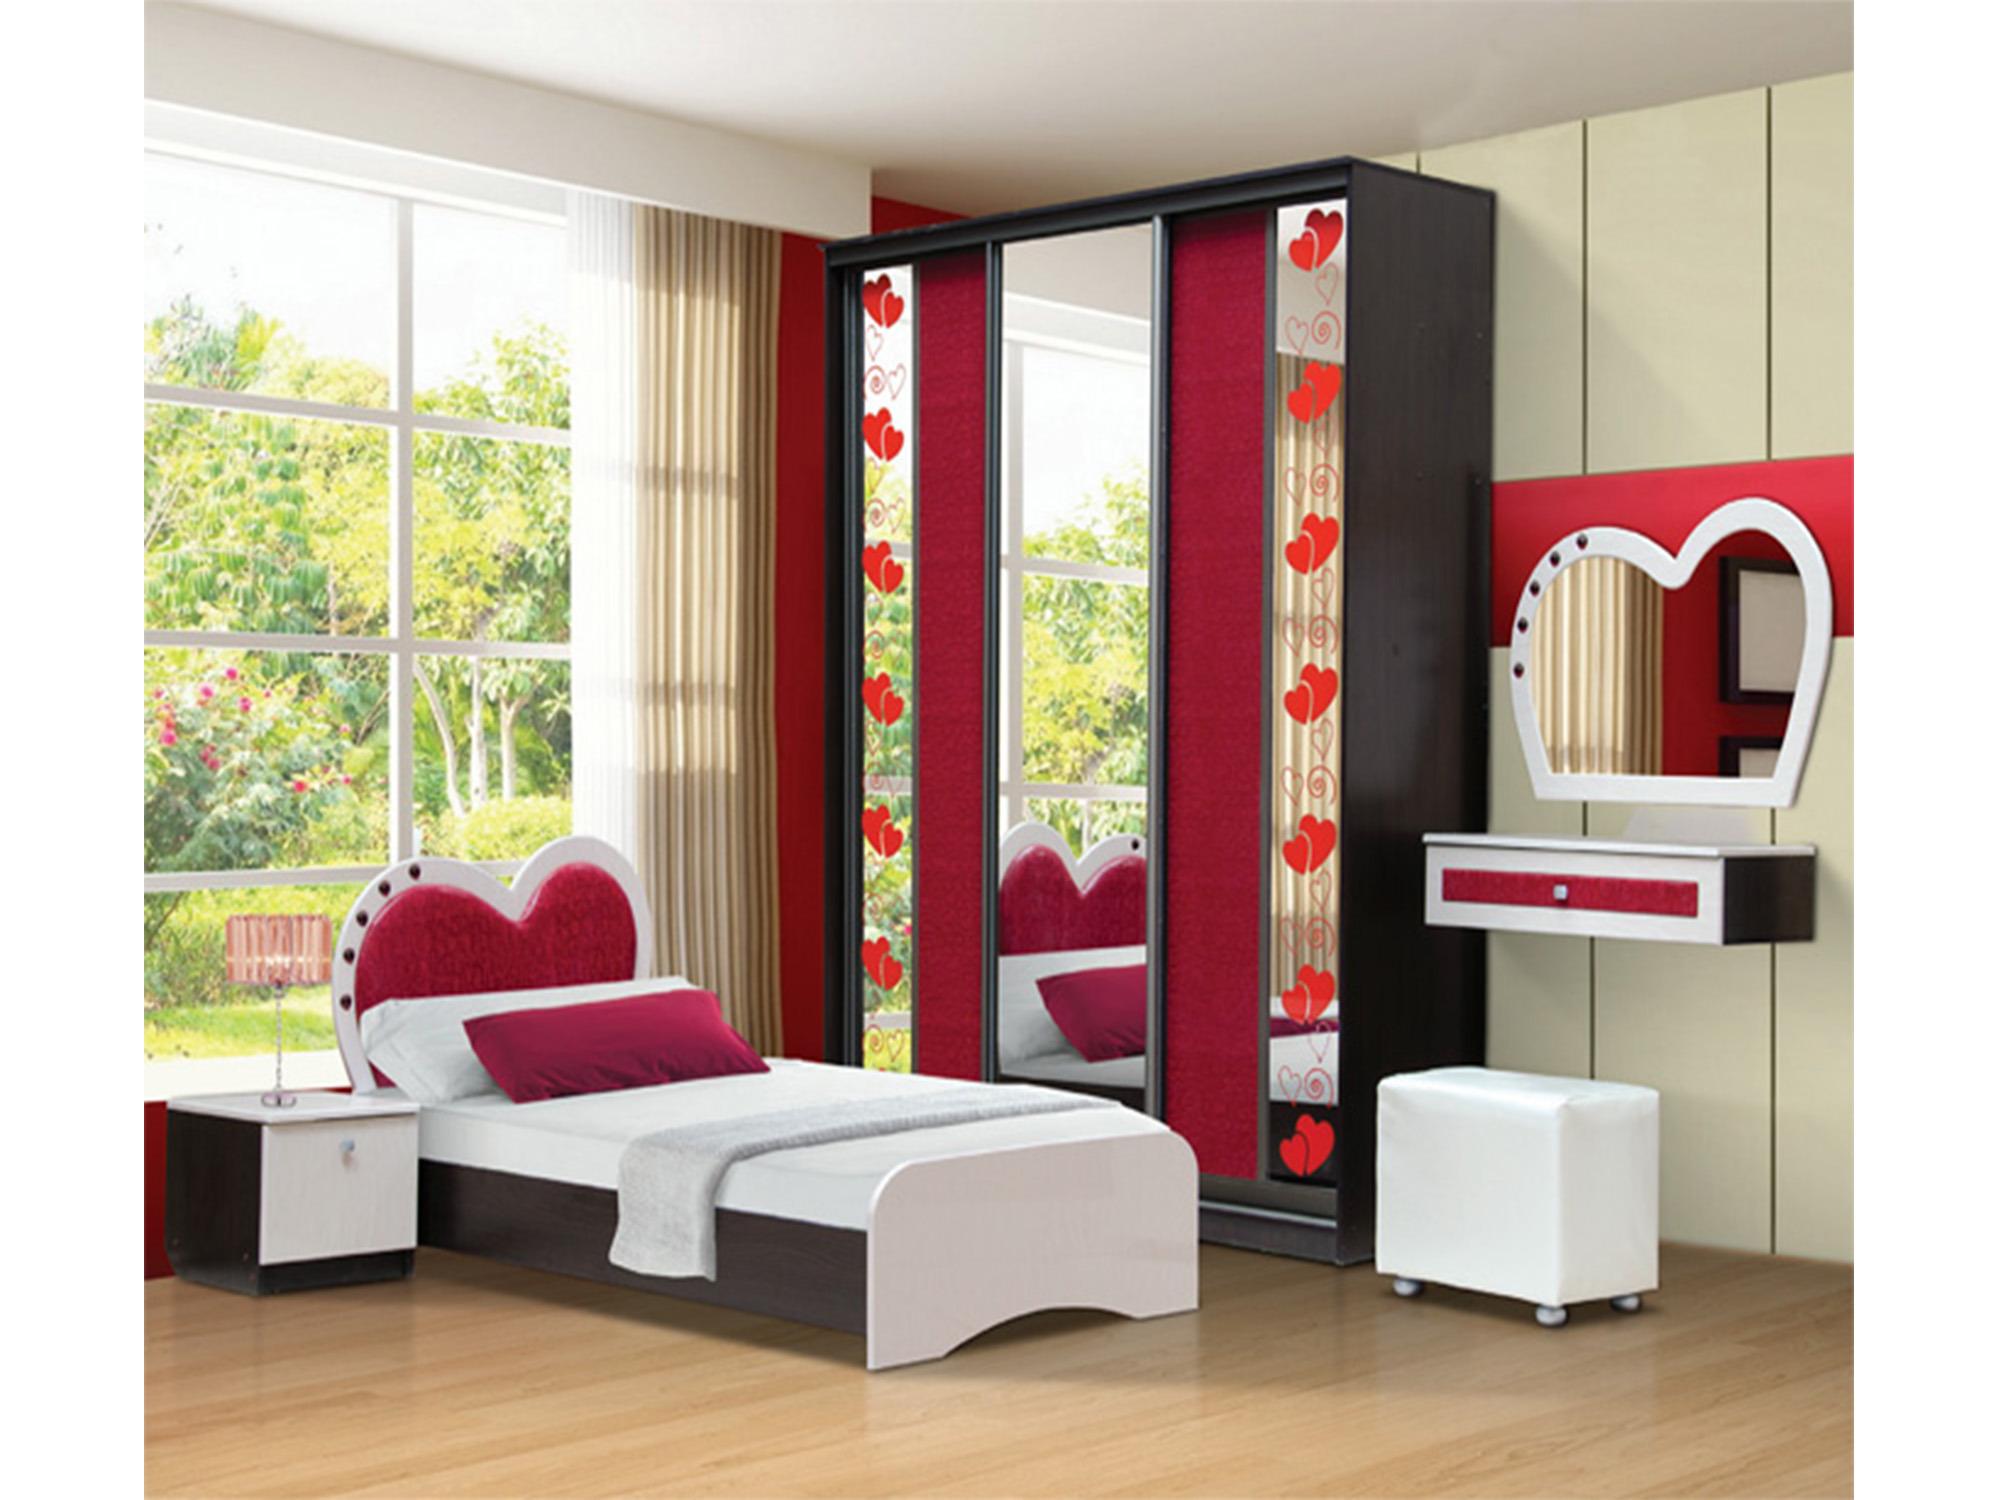 Спальный набор Кокетка-1Детские комнаты<br><br><br>Длина мм: 4795<br>Высота мм: 2350<br>Глубина мм: 1950